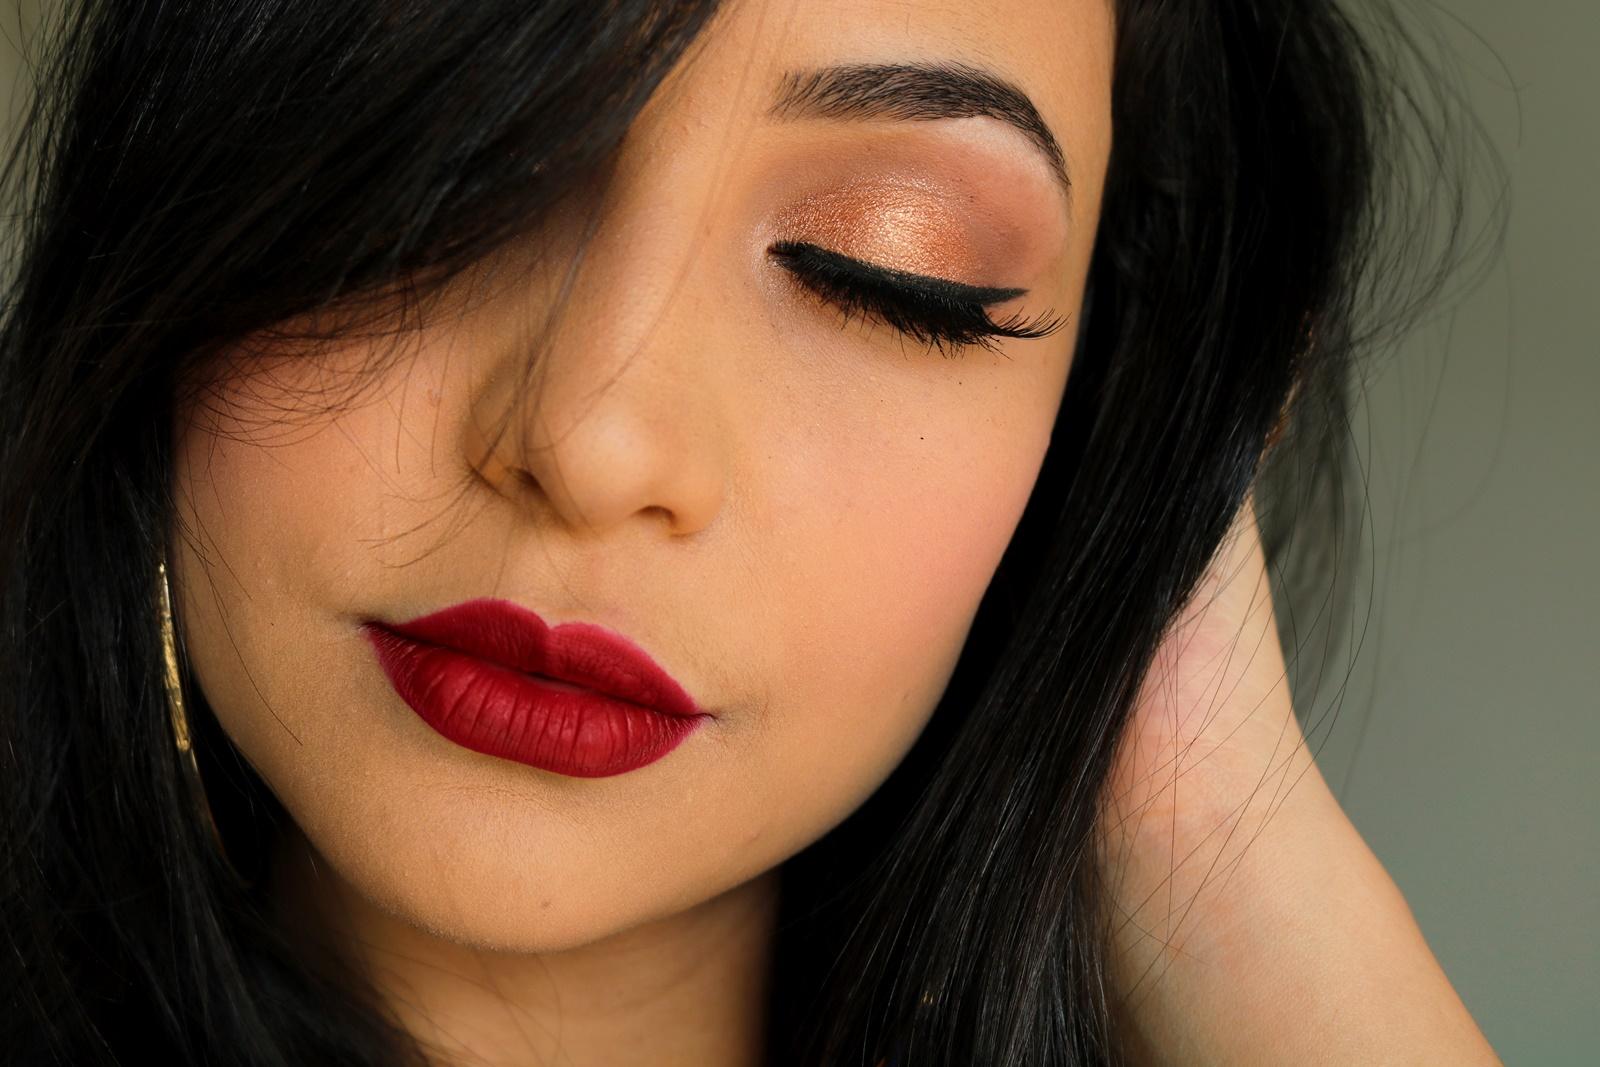 Maquiagem Dourada Chic Nitielle Mendes